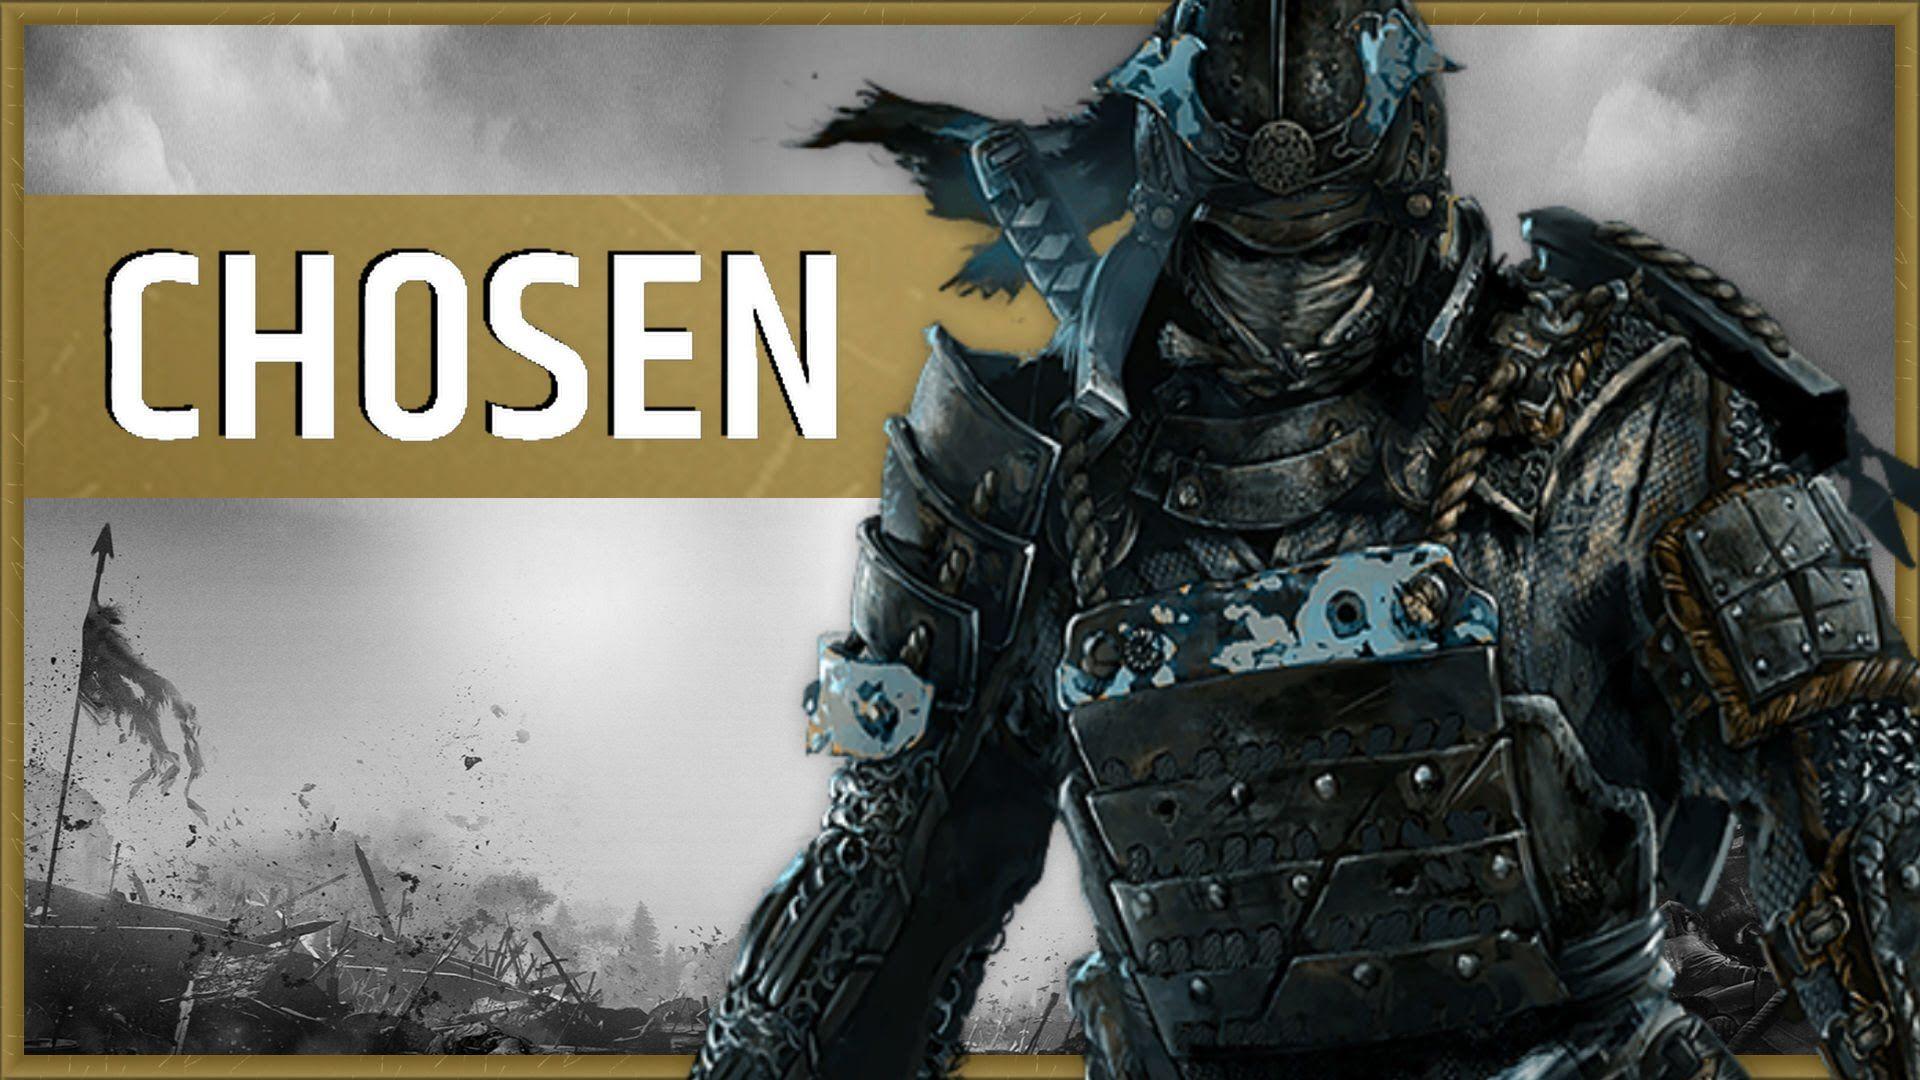 Chosen For Honor For Honor Samurai For Honour Game Ubisoft